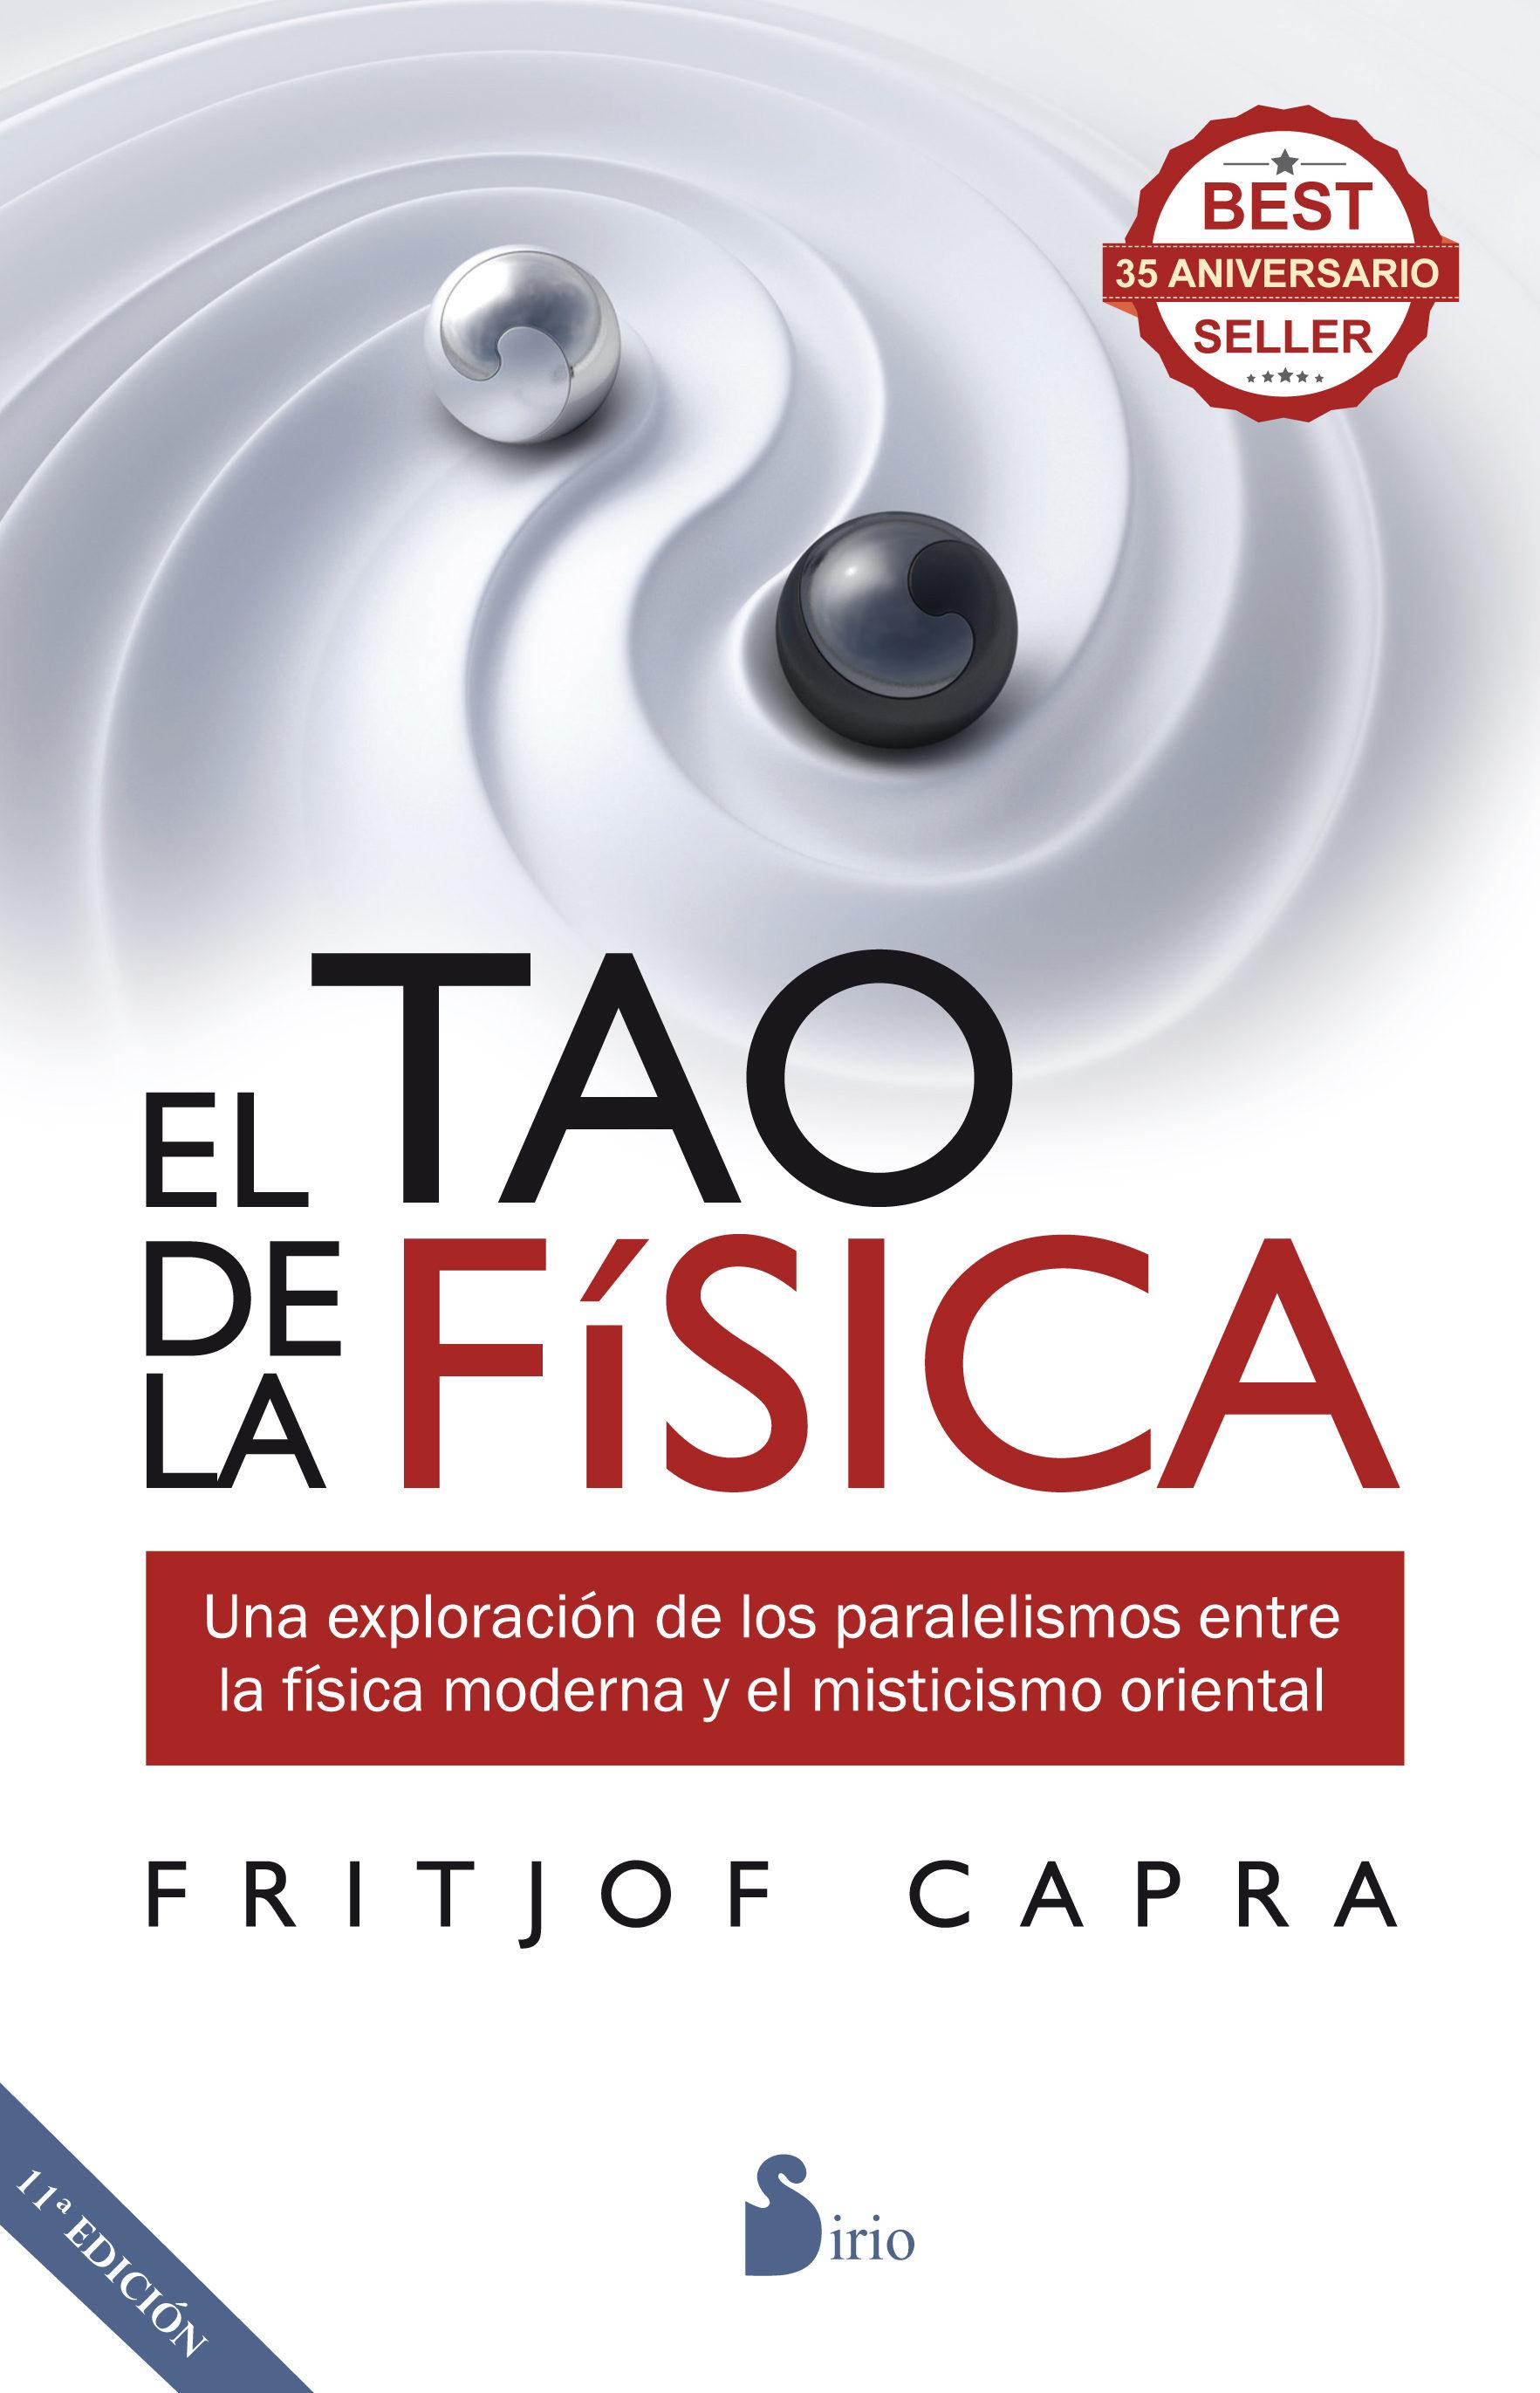 El tao de la Física - Fritjof Capra - Sirio